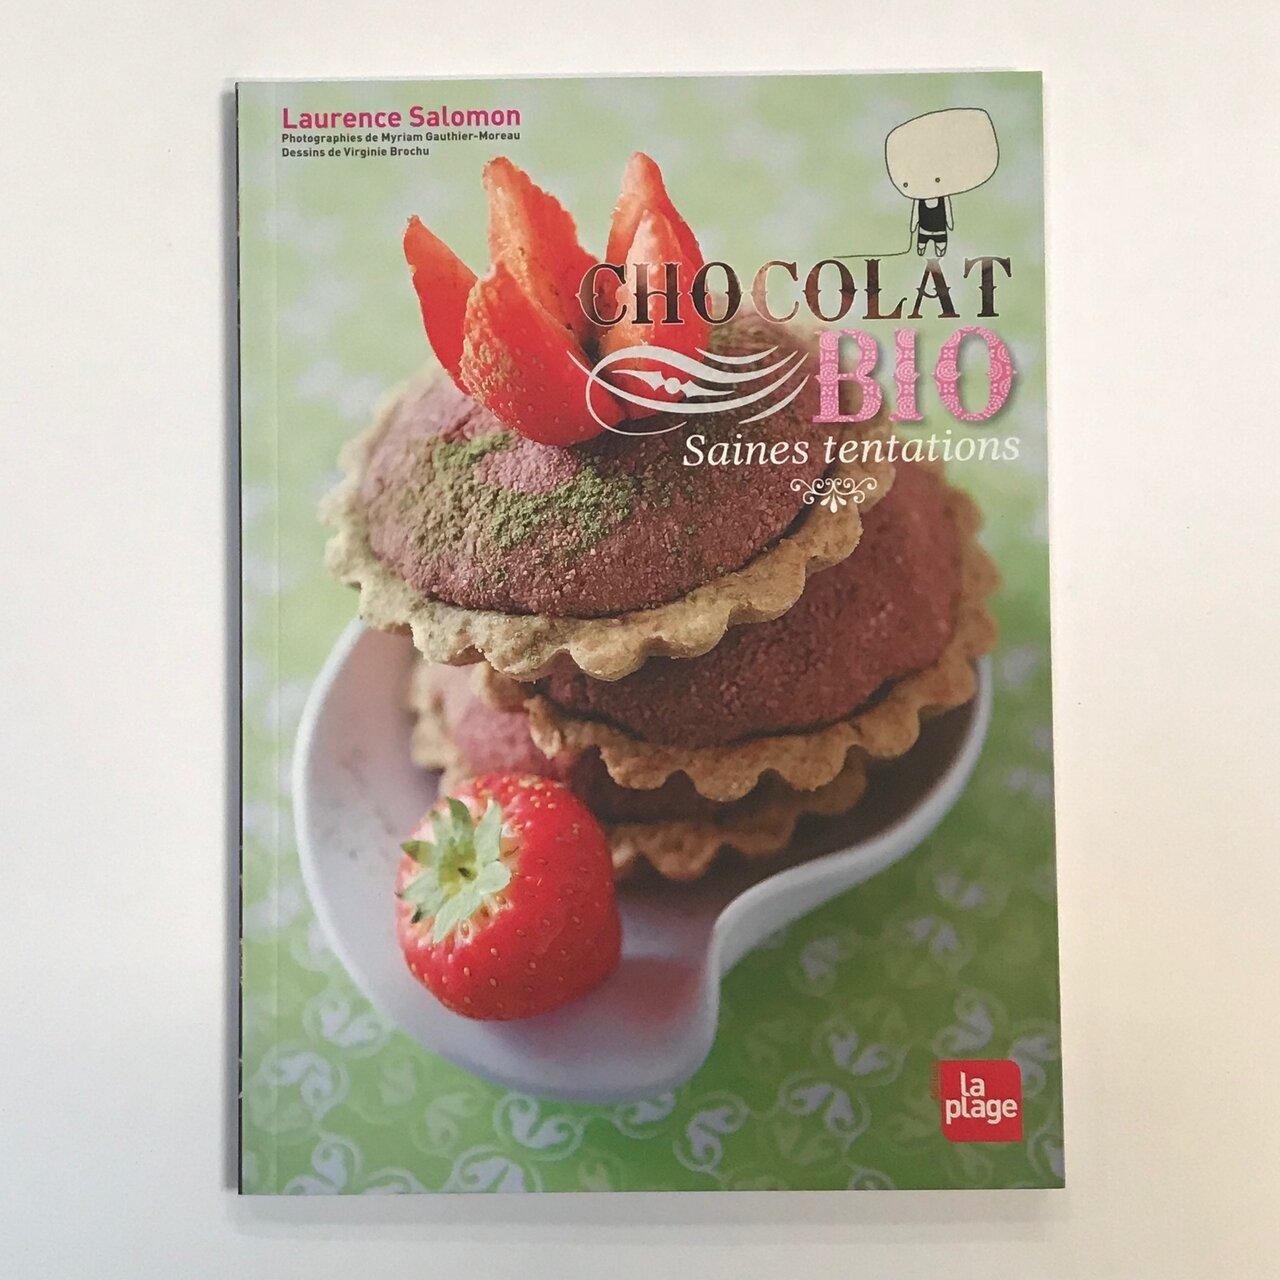 Cuisine et saveurs - Chocolat bio